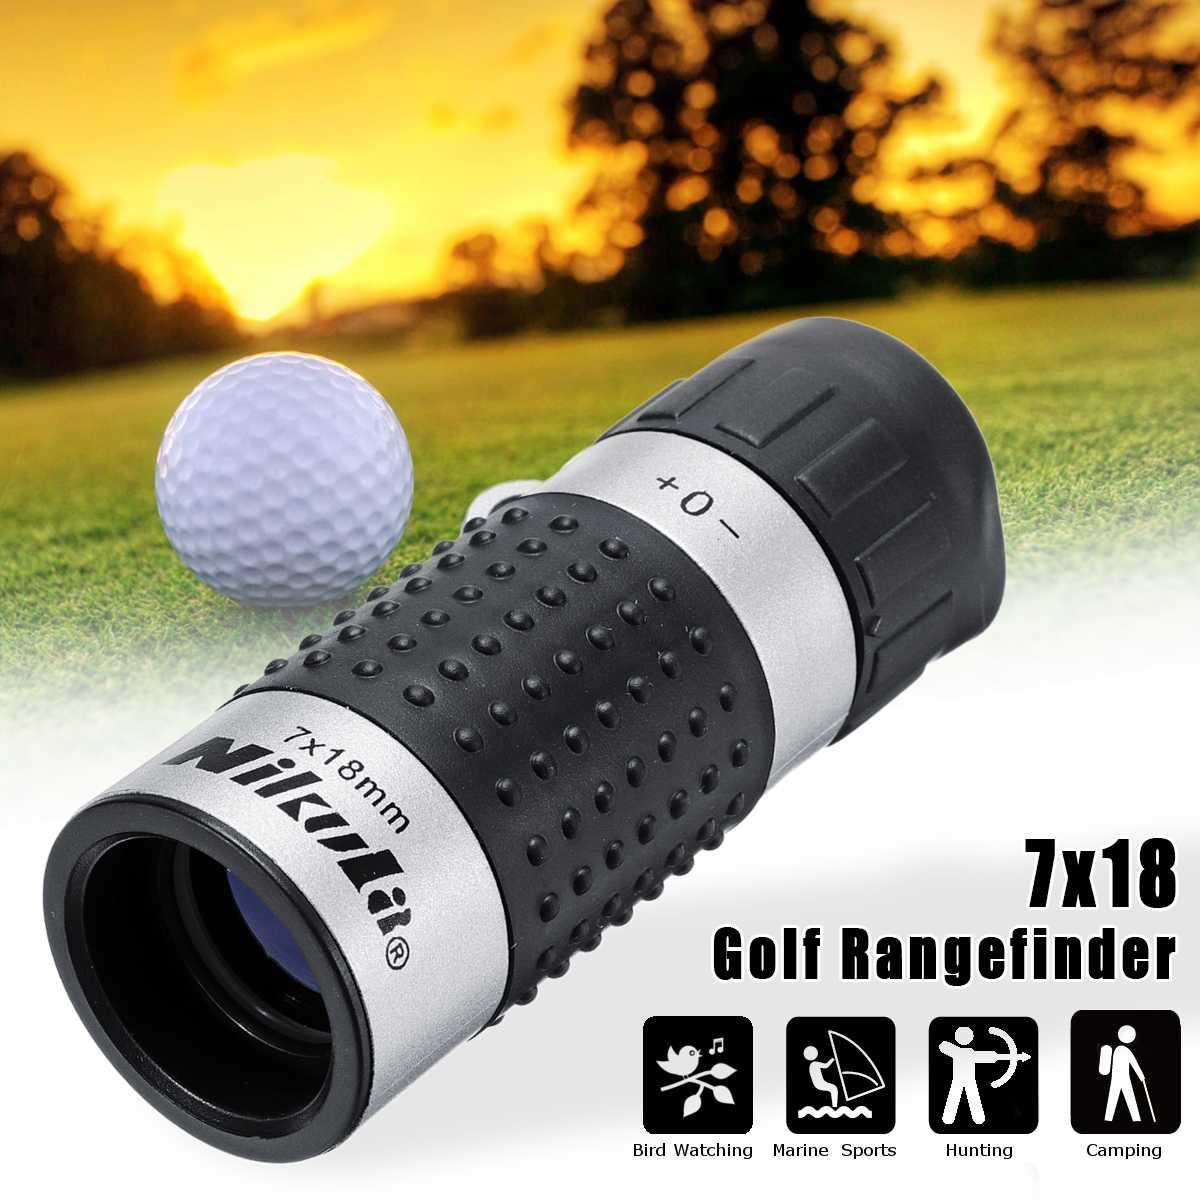 7x18  163m/1000m Golf Monocular Rangefinder Distance Meter Finder Binocular Pocket Scope Range Sightseeing Surveillance Races|Laser Rangefinders| |  - title=